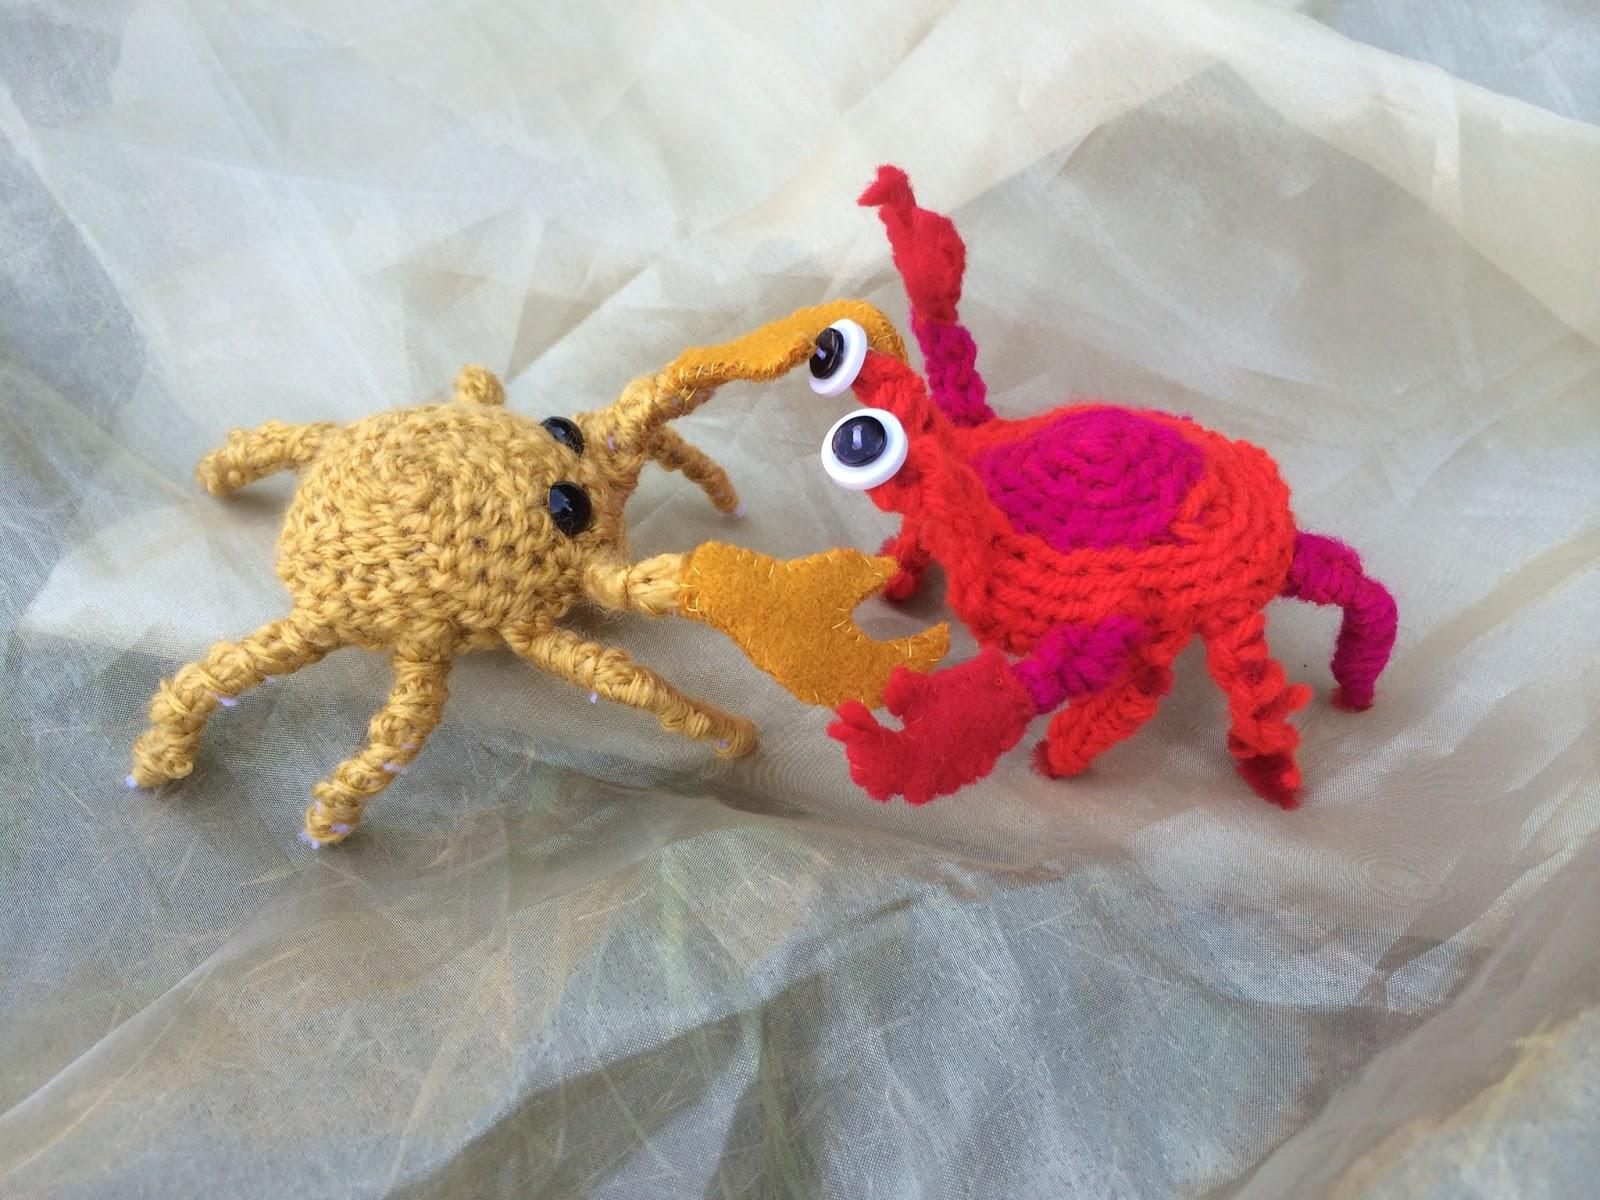 Amigurumi Crab : SockletWorld: Amigurumi Crab Fight